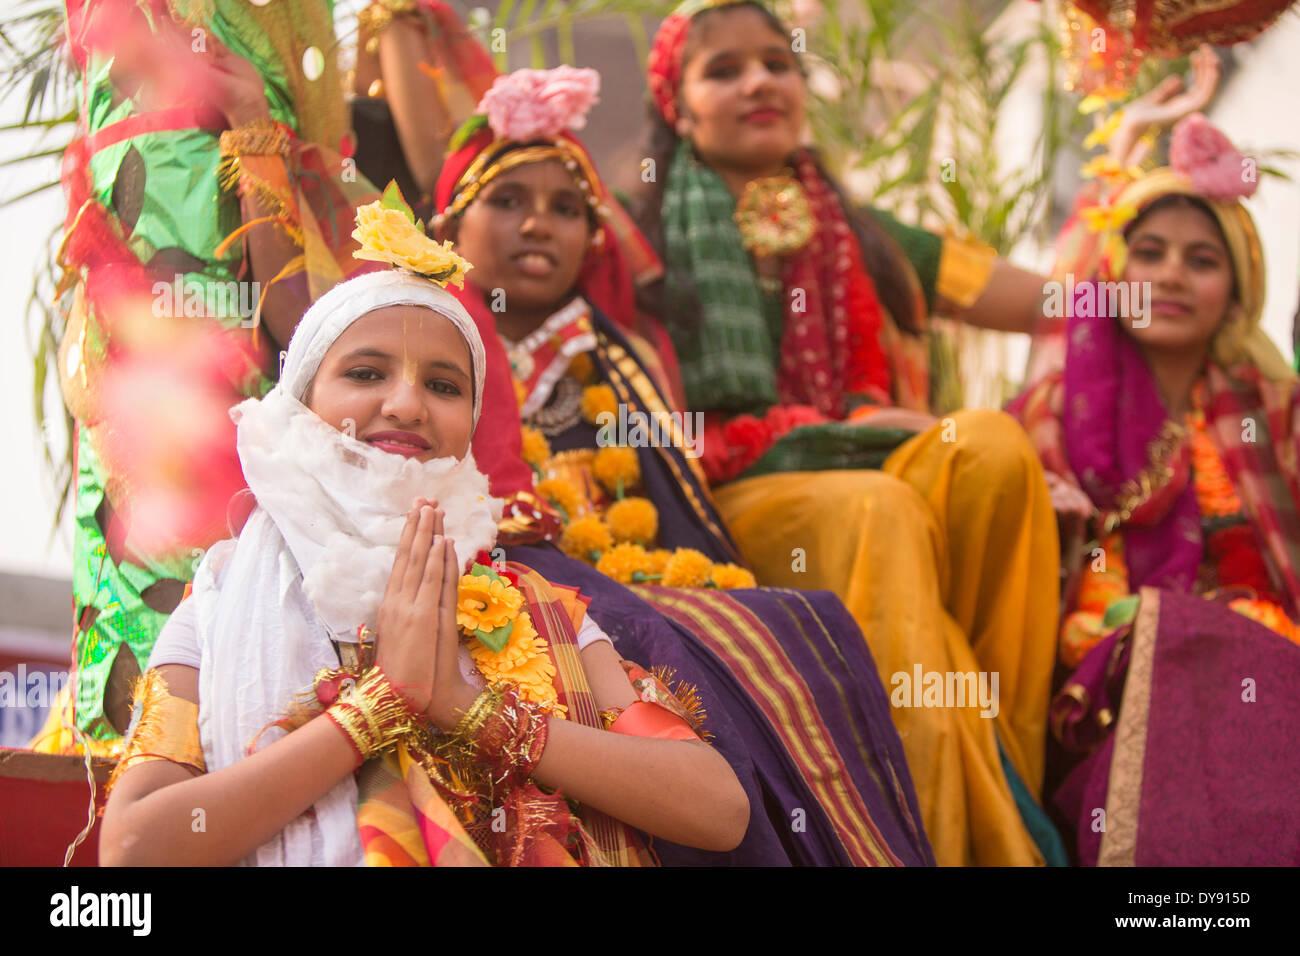 La gente, Delhi, Asia, pueblo, ciudad, pueblo, tradicional, Imagen De Stock